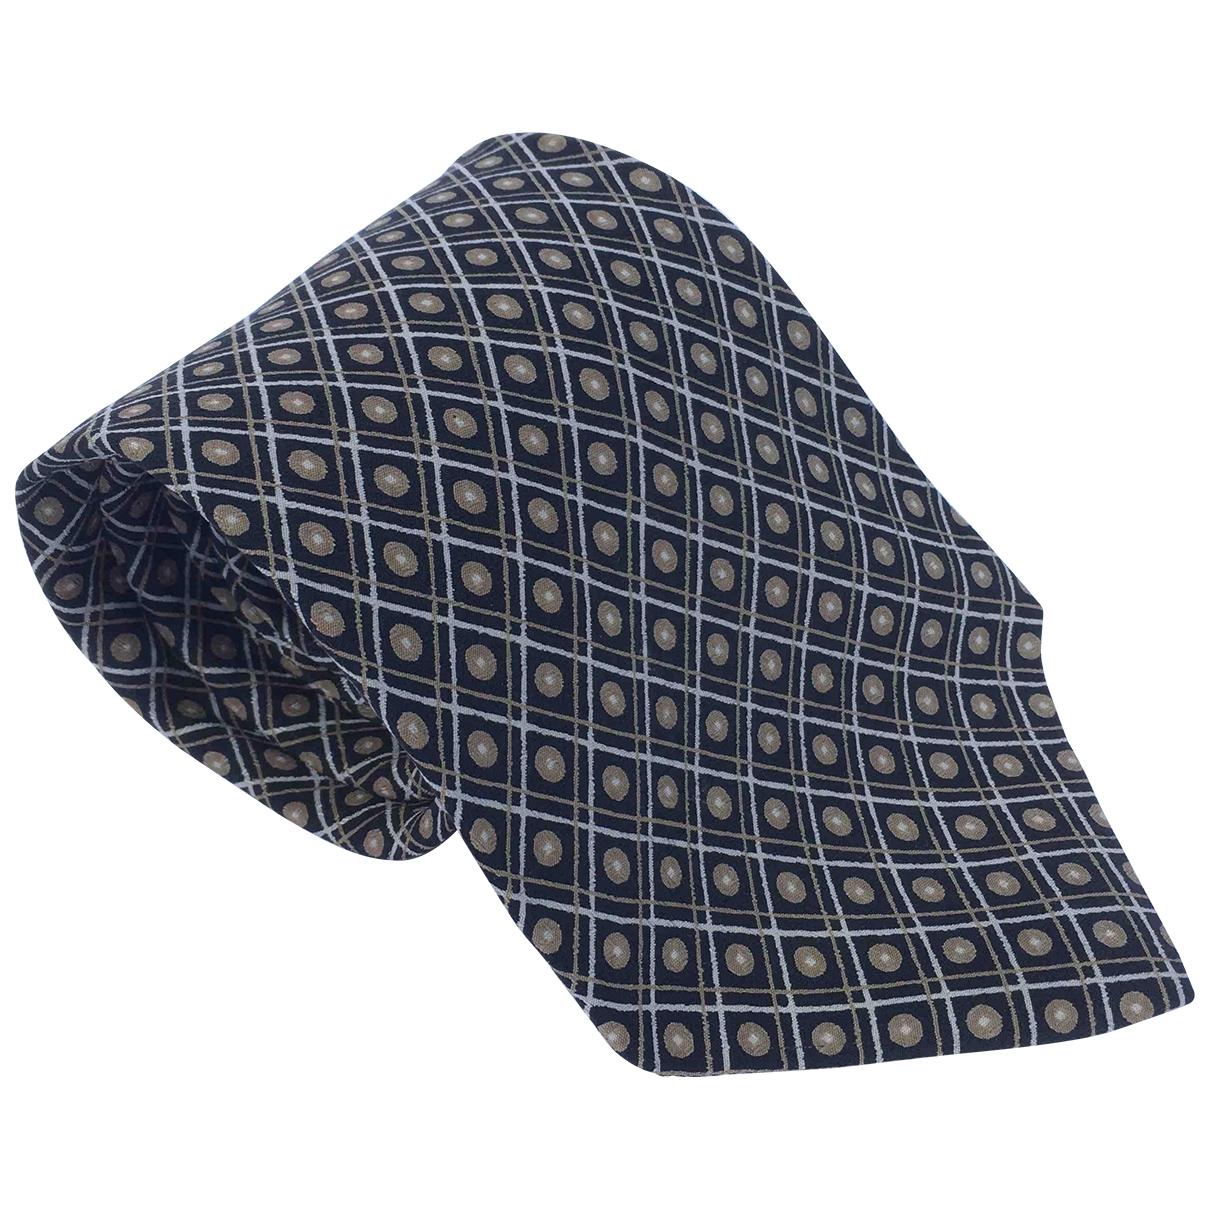 Yves Saint Laurent \N Krawatten in  Anthrazit Seide